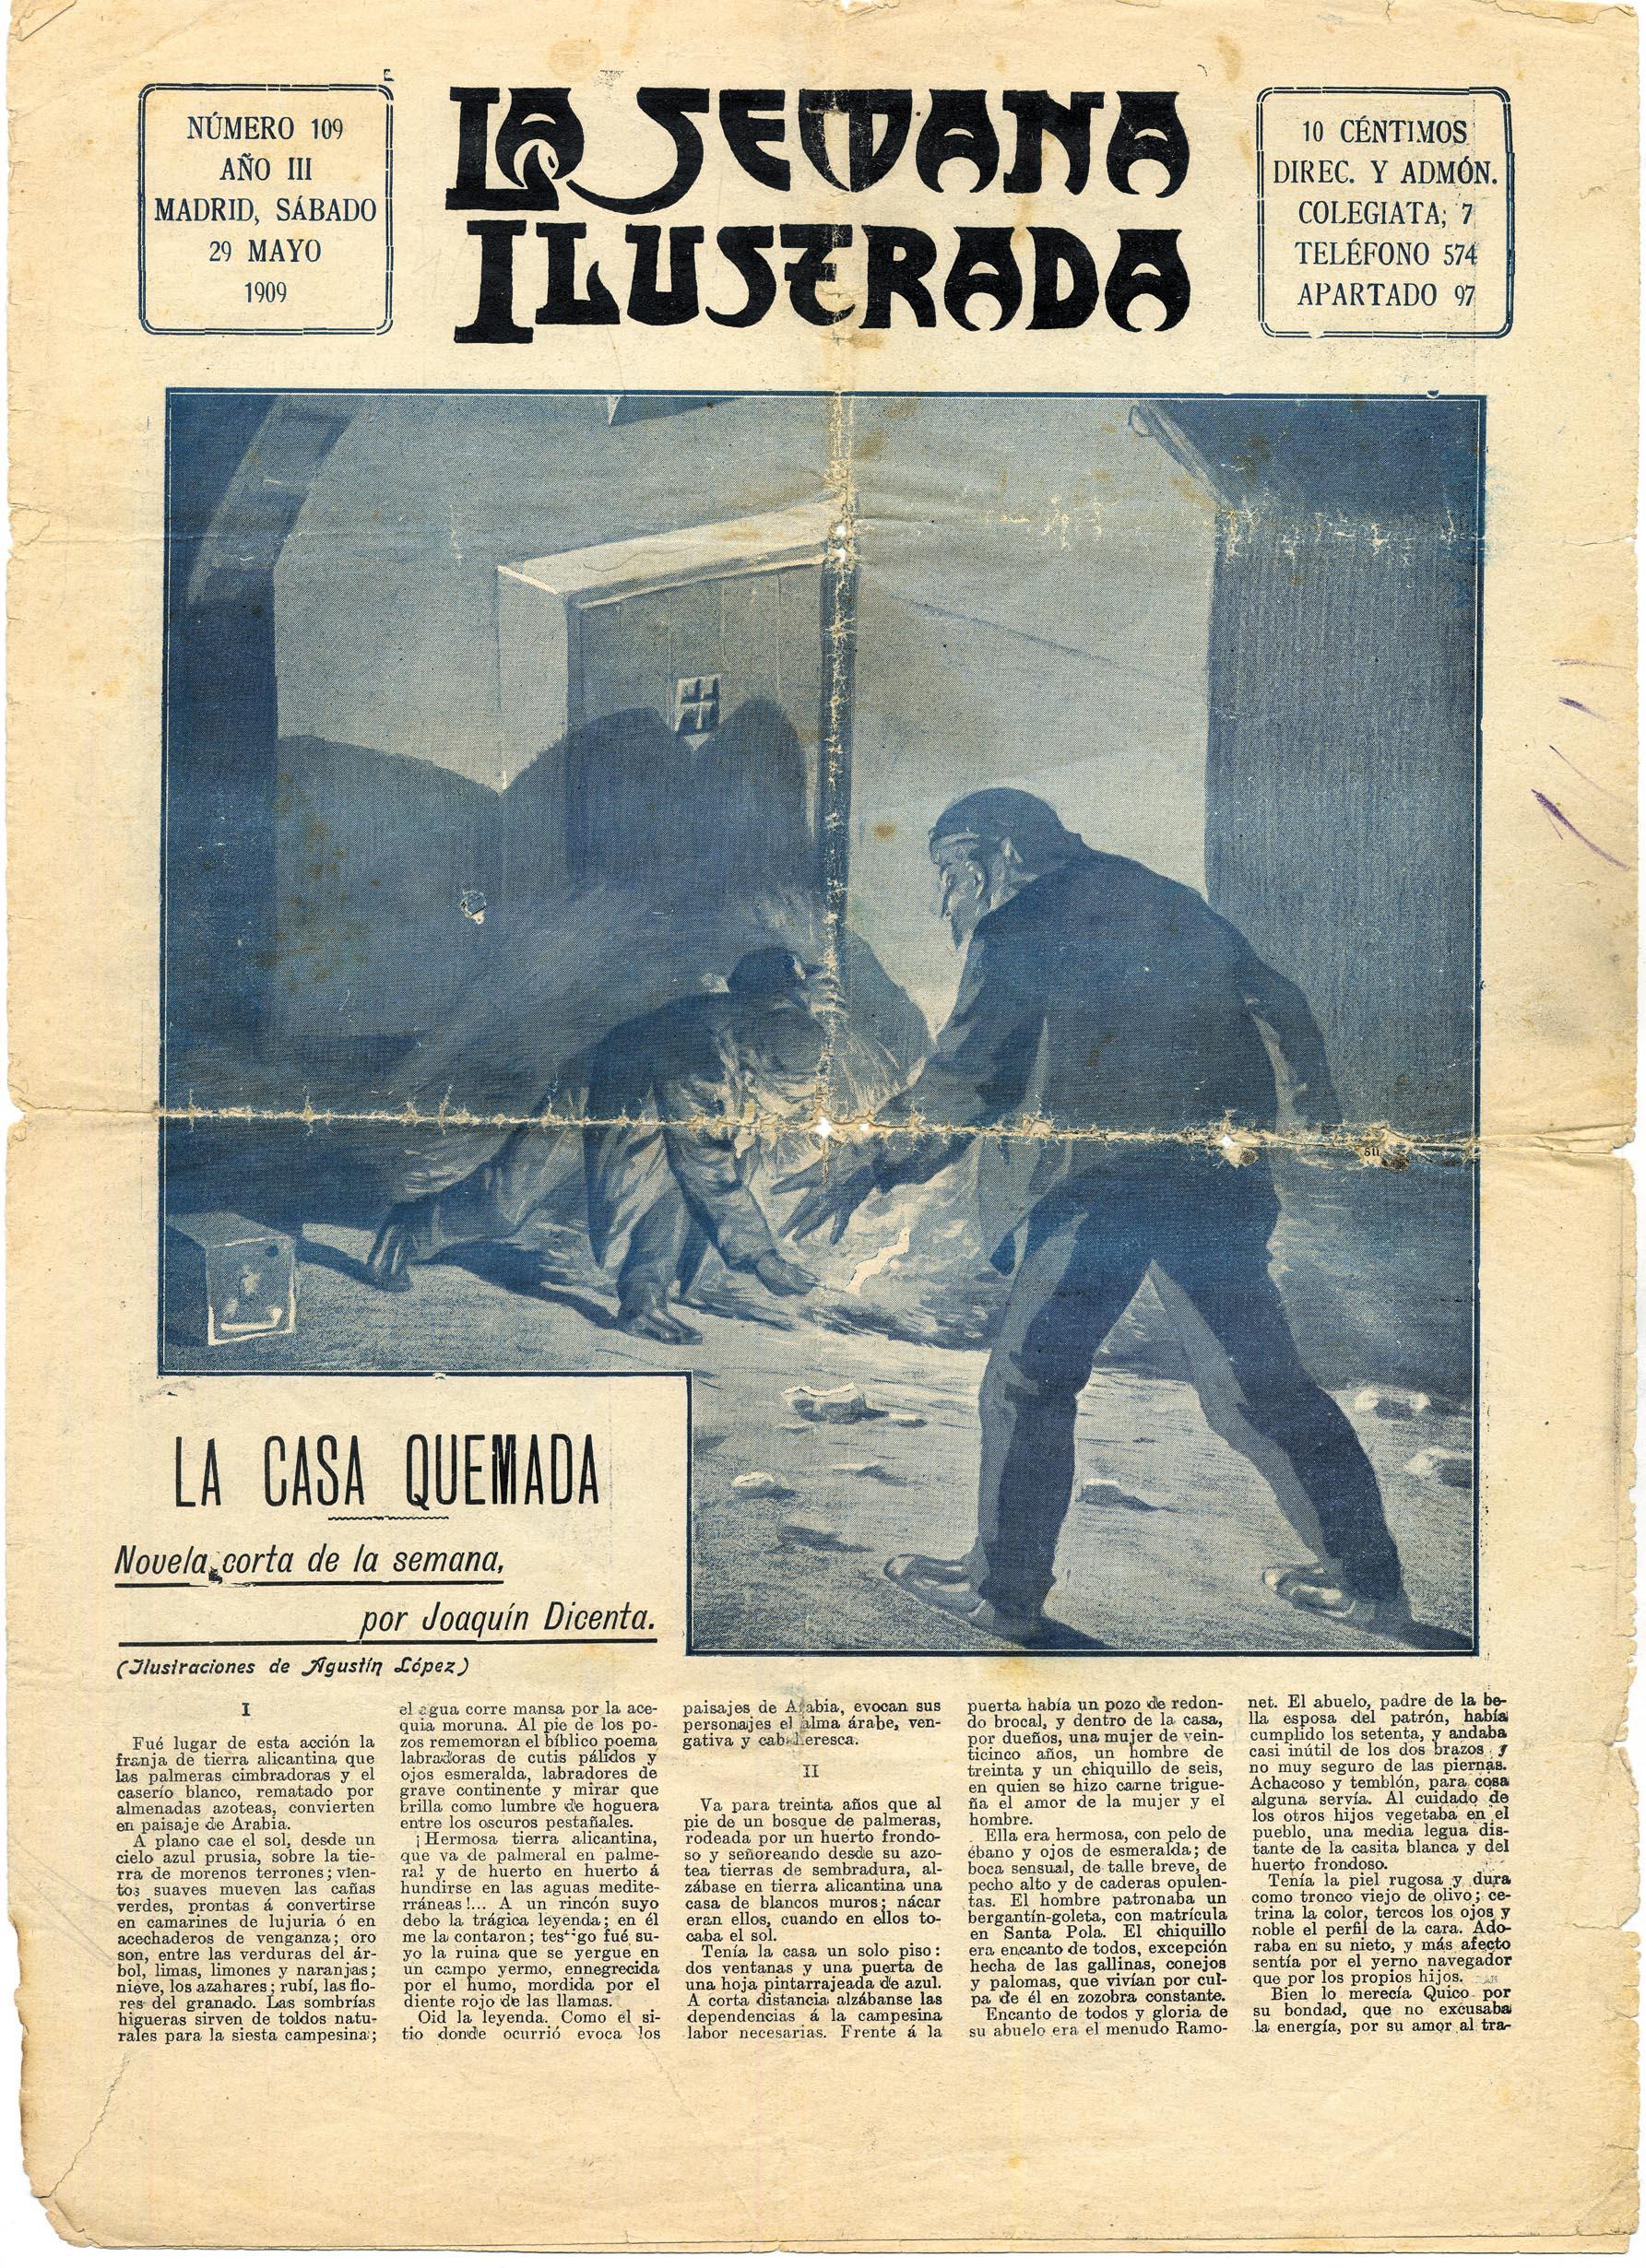 Relato de Joaquín Dicenta publicado en  La Semana Ilustrada  (29 de mayo de 1909)